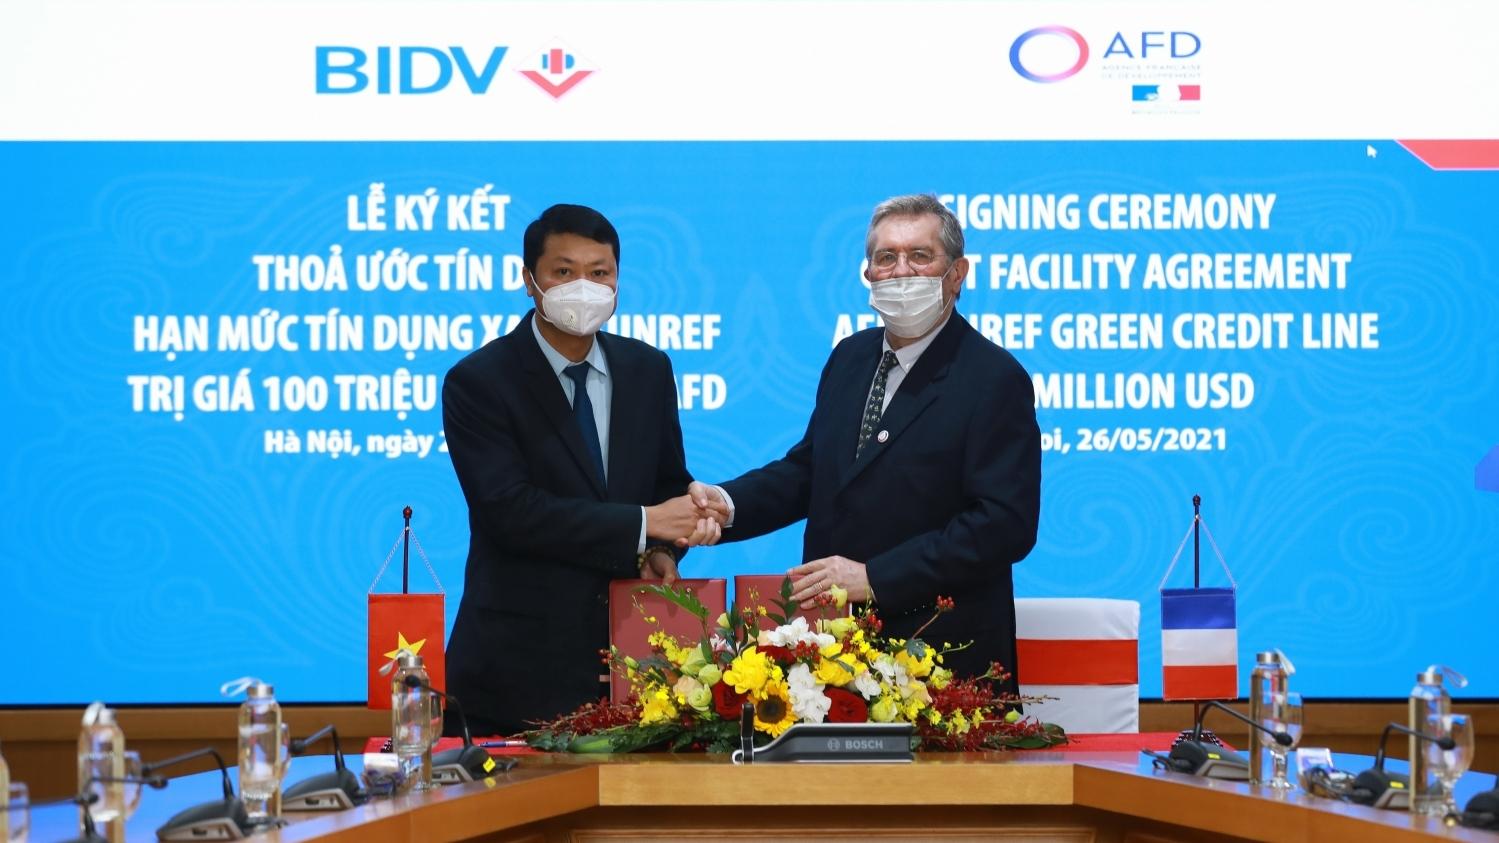 AFD cung cấp hạn mức 100 triệu USD cho BIDV để tài trợ các doanh nghiệp trong lĩnh vực năng lượng